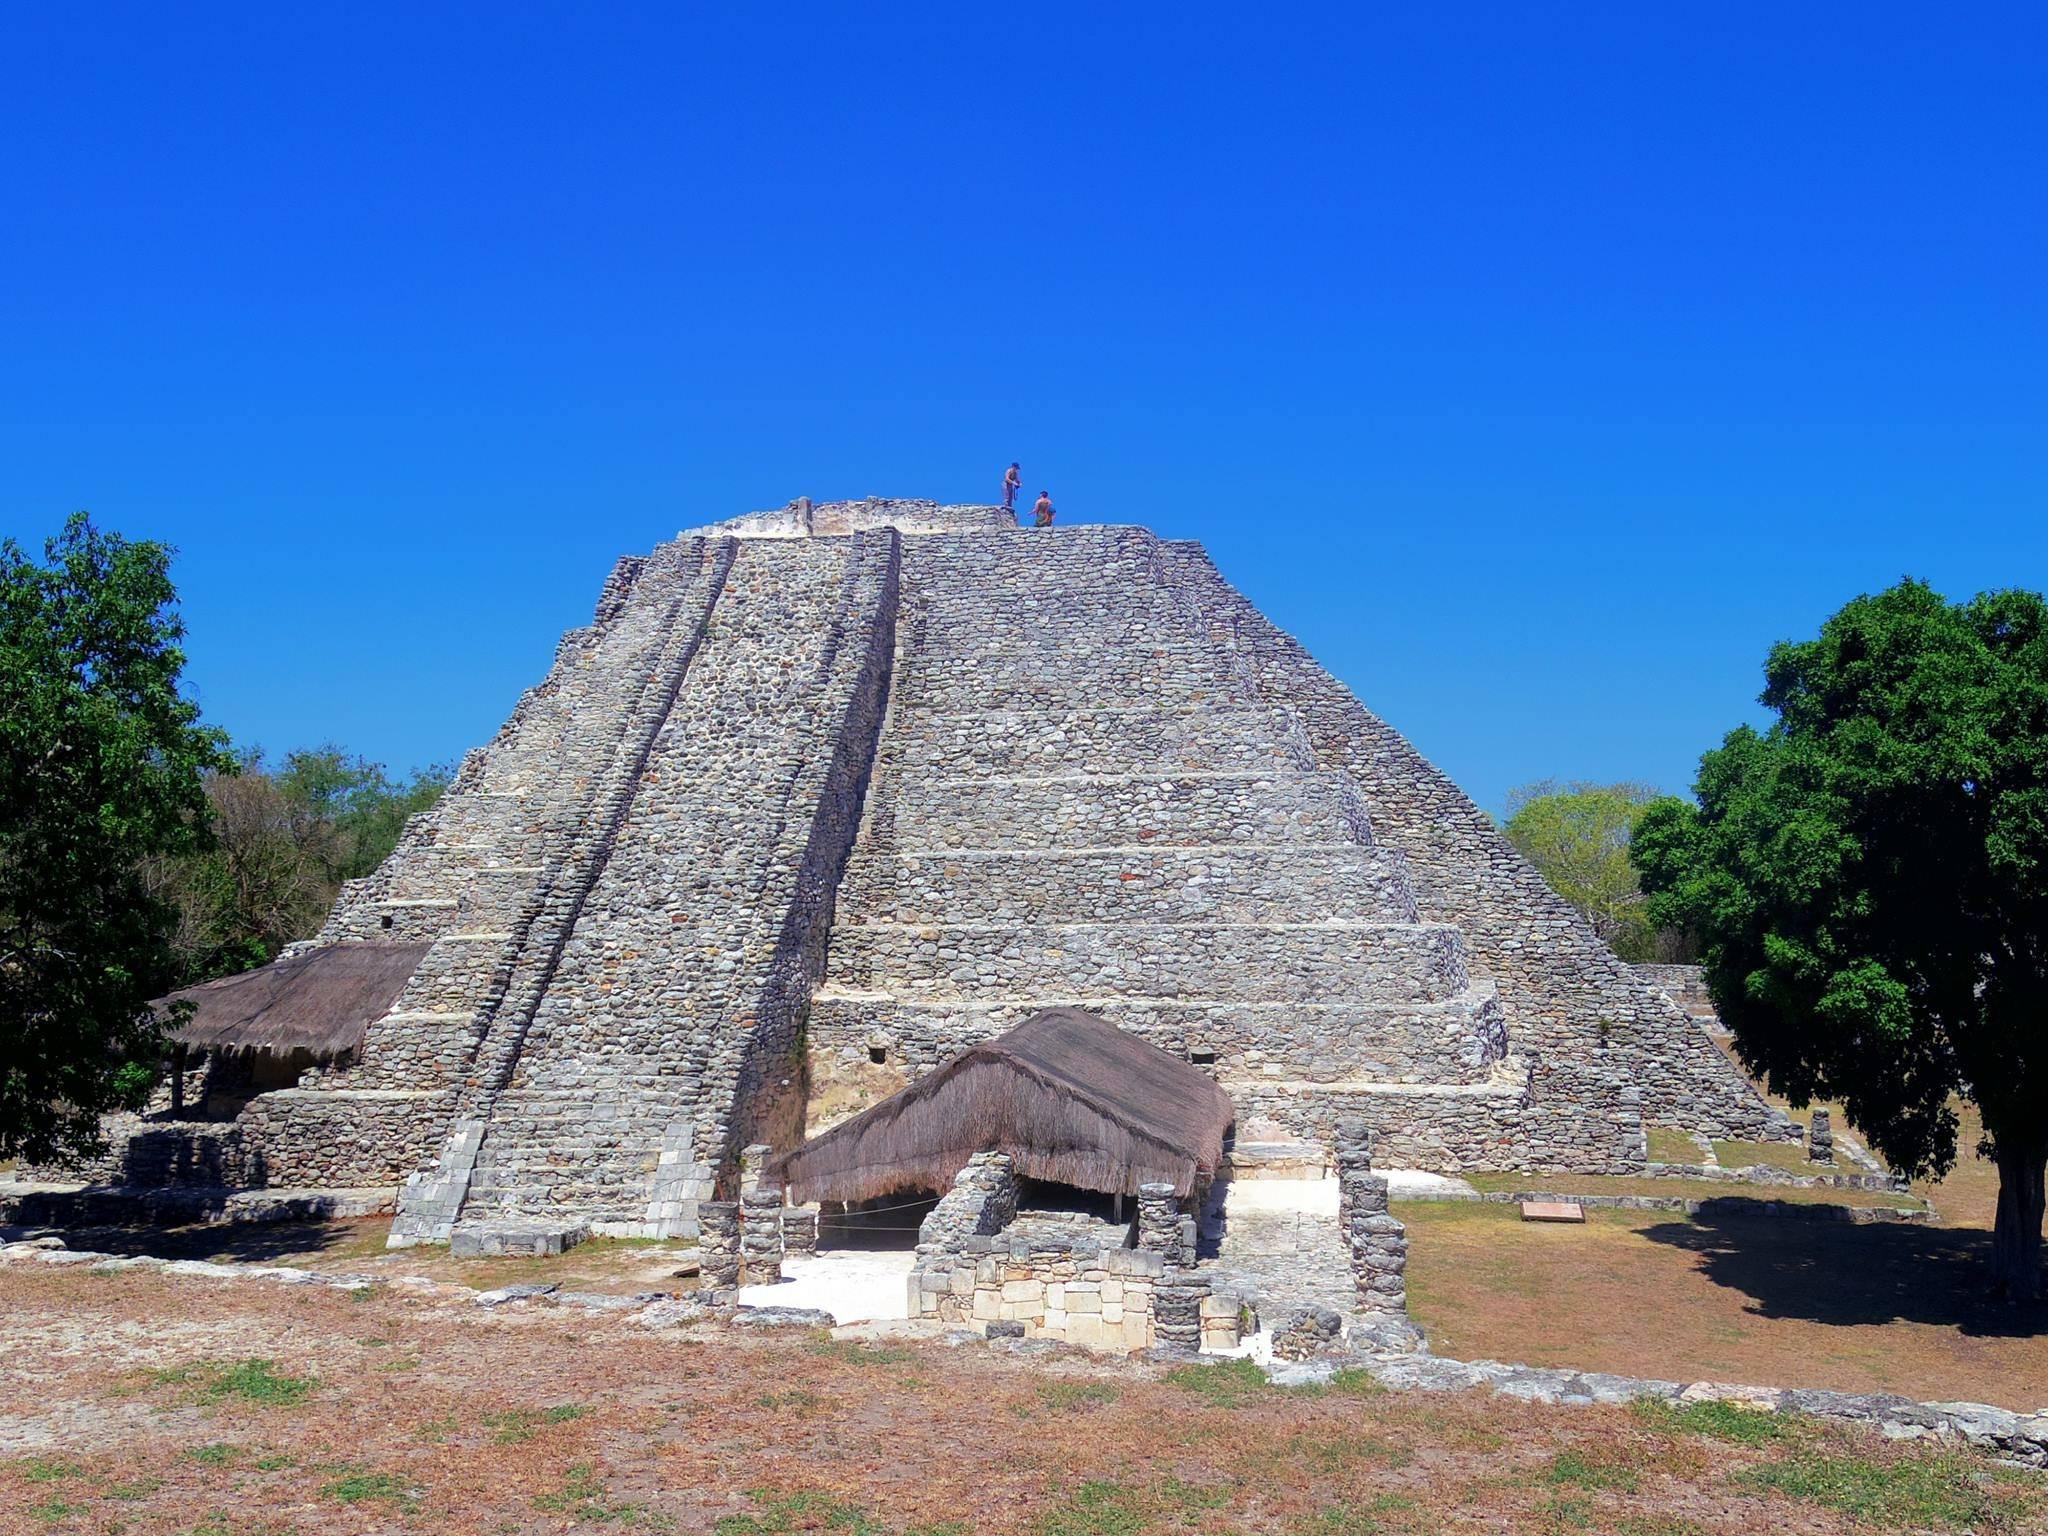 Photo 1: Voyage dans le temps chez les Mayas